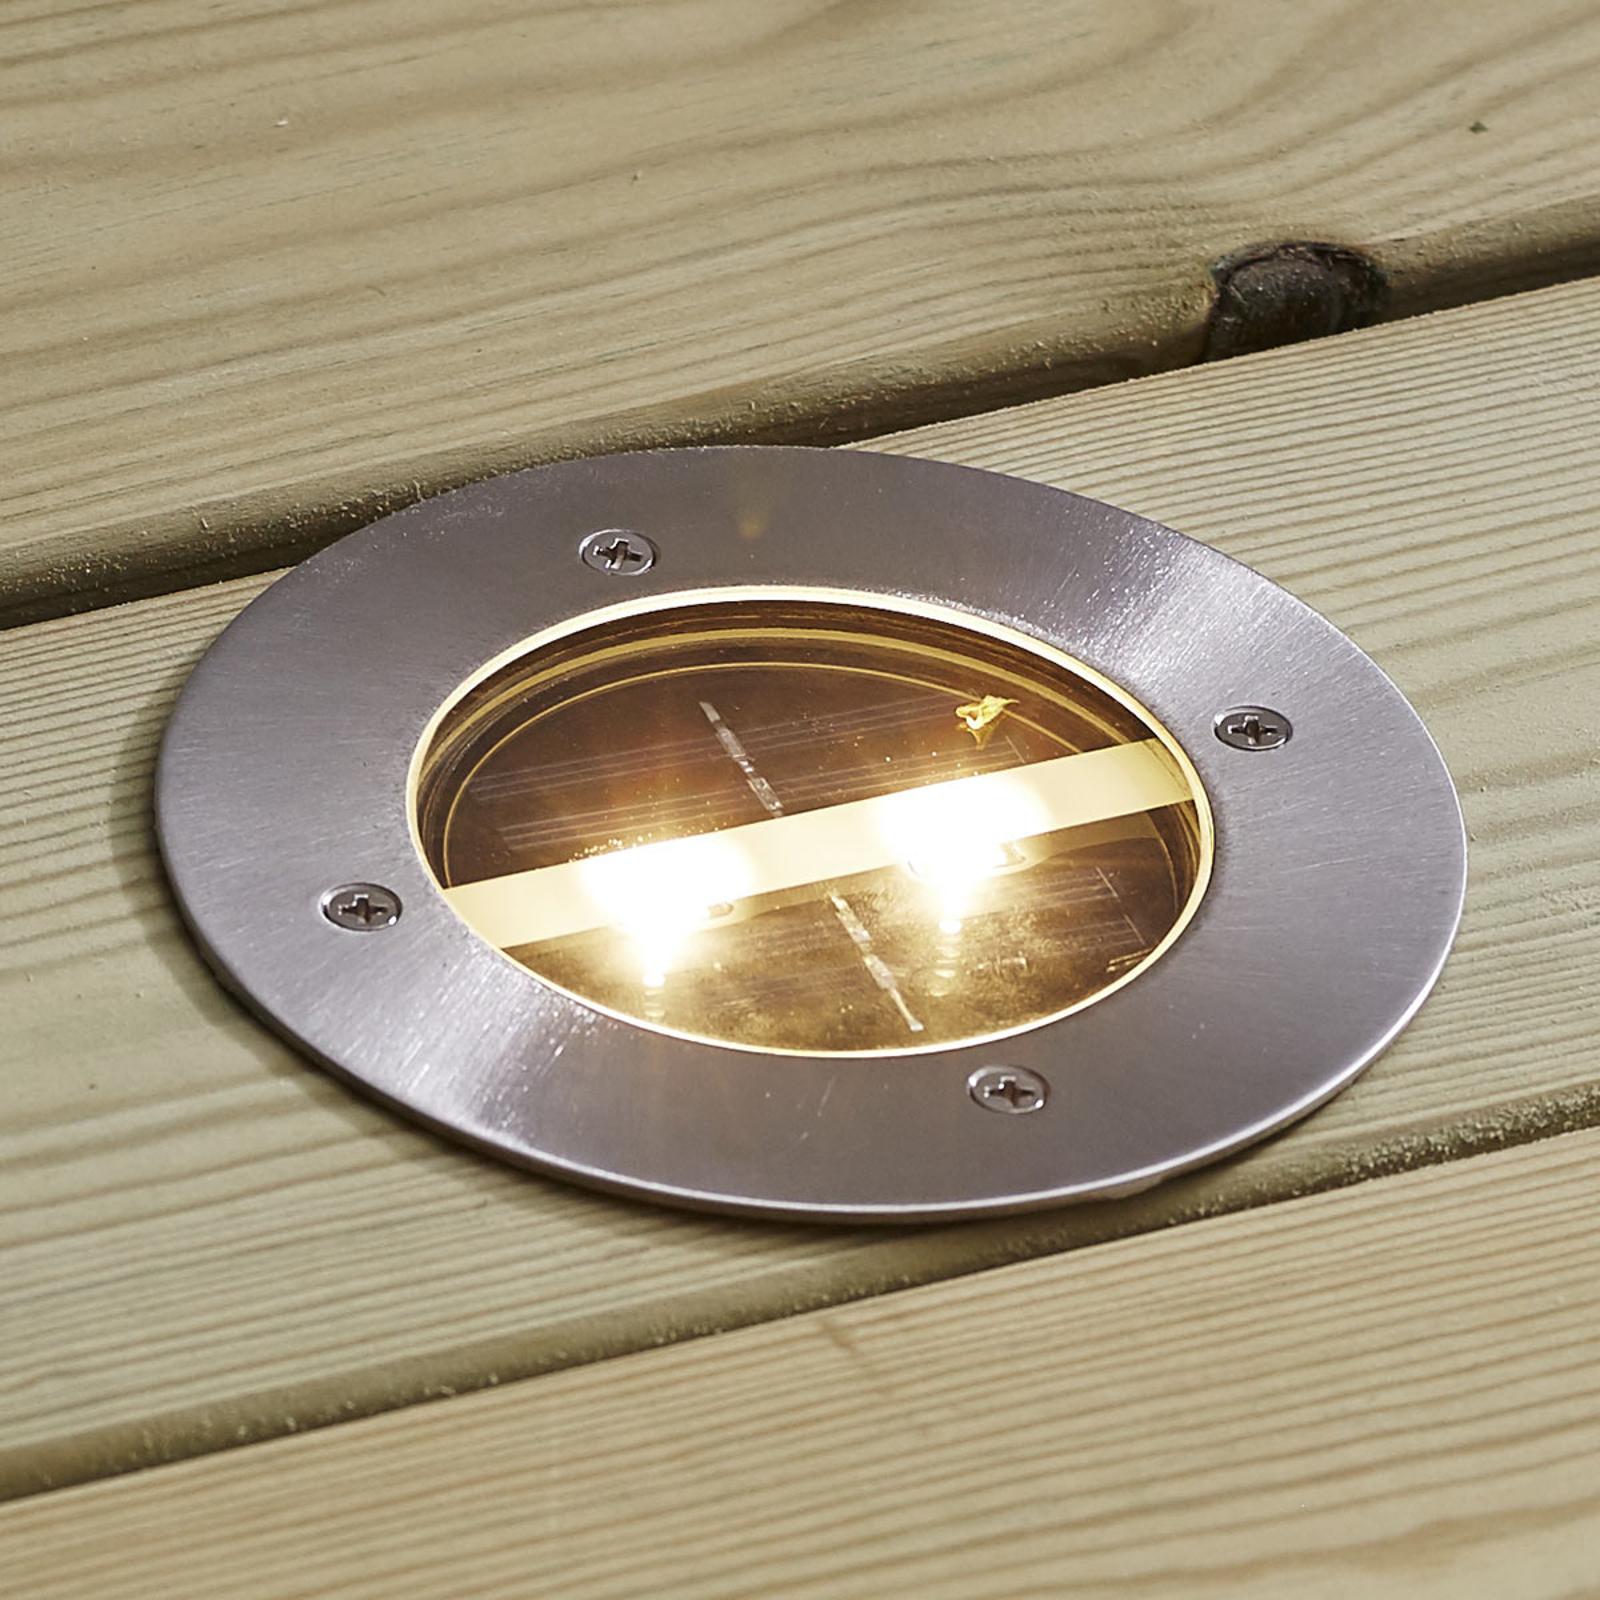 Decklight - pyöreä aurinkokäyttöinen LED-uppovalo